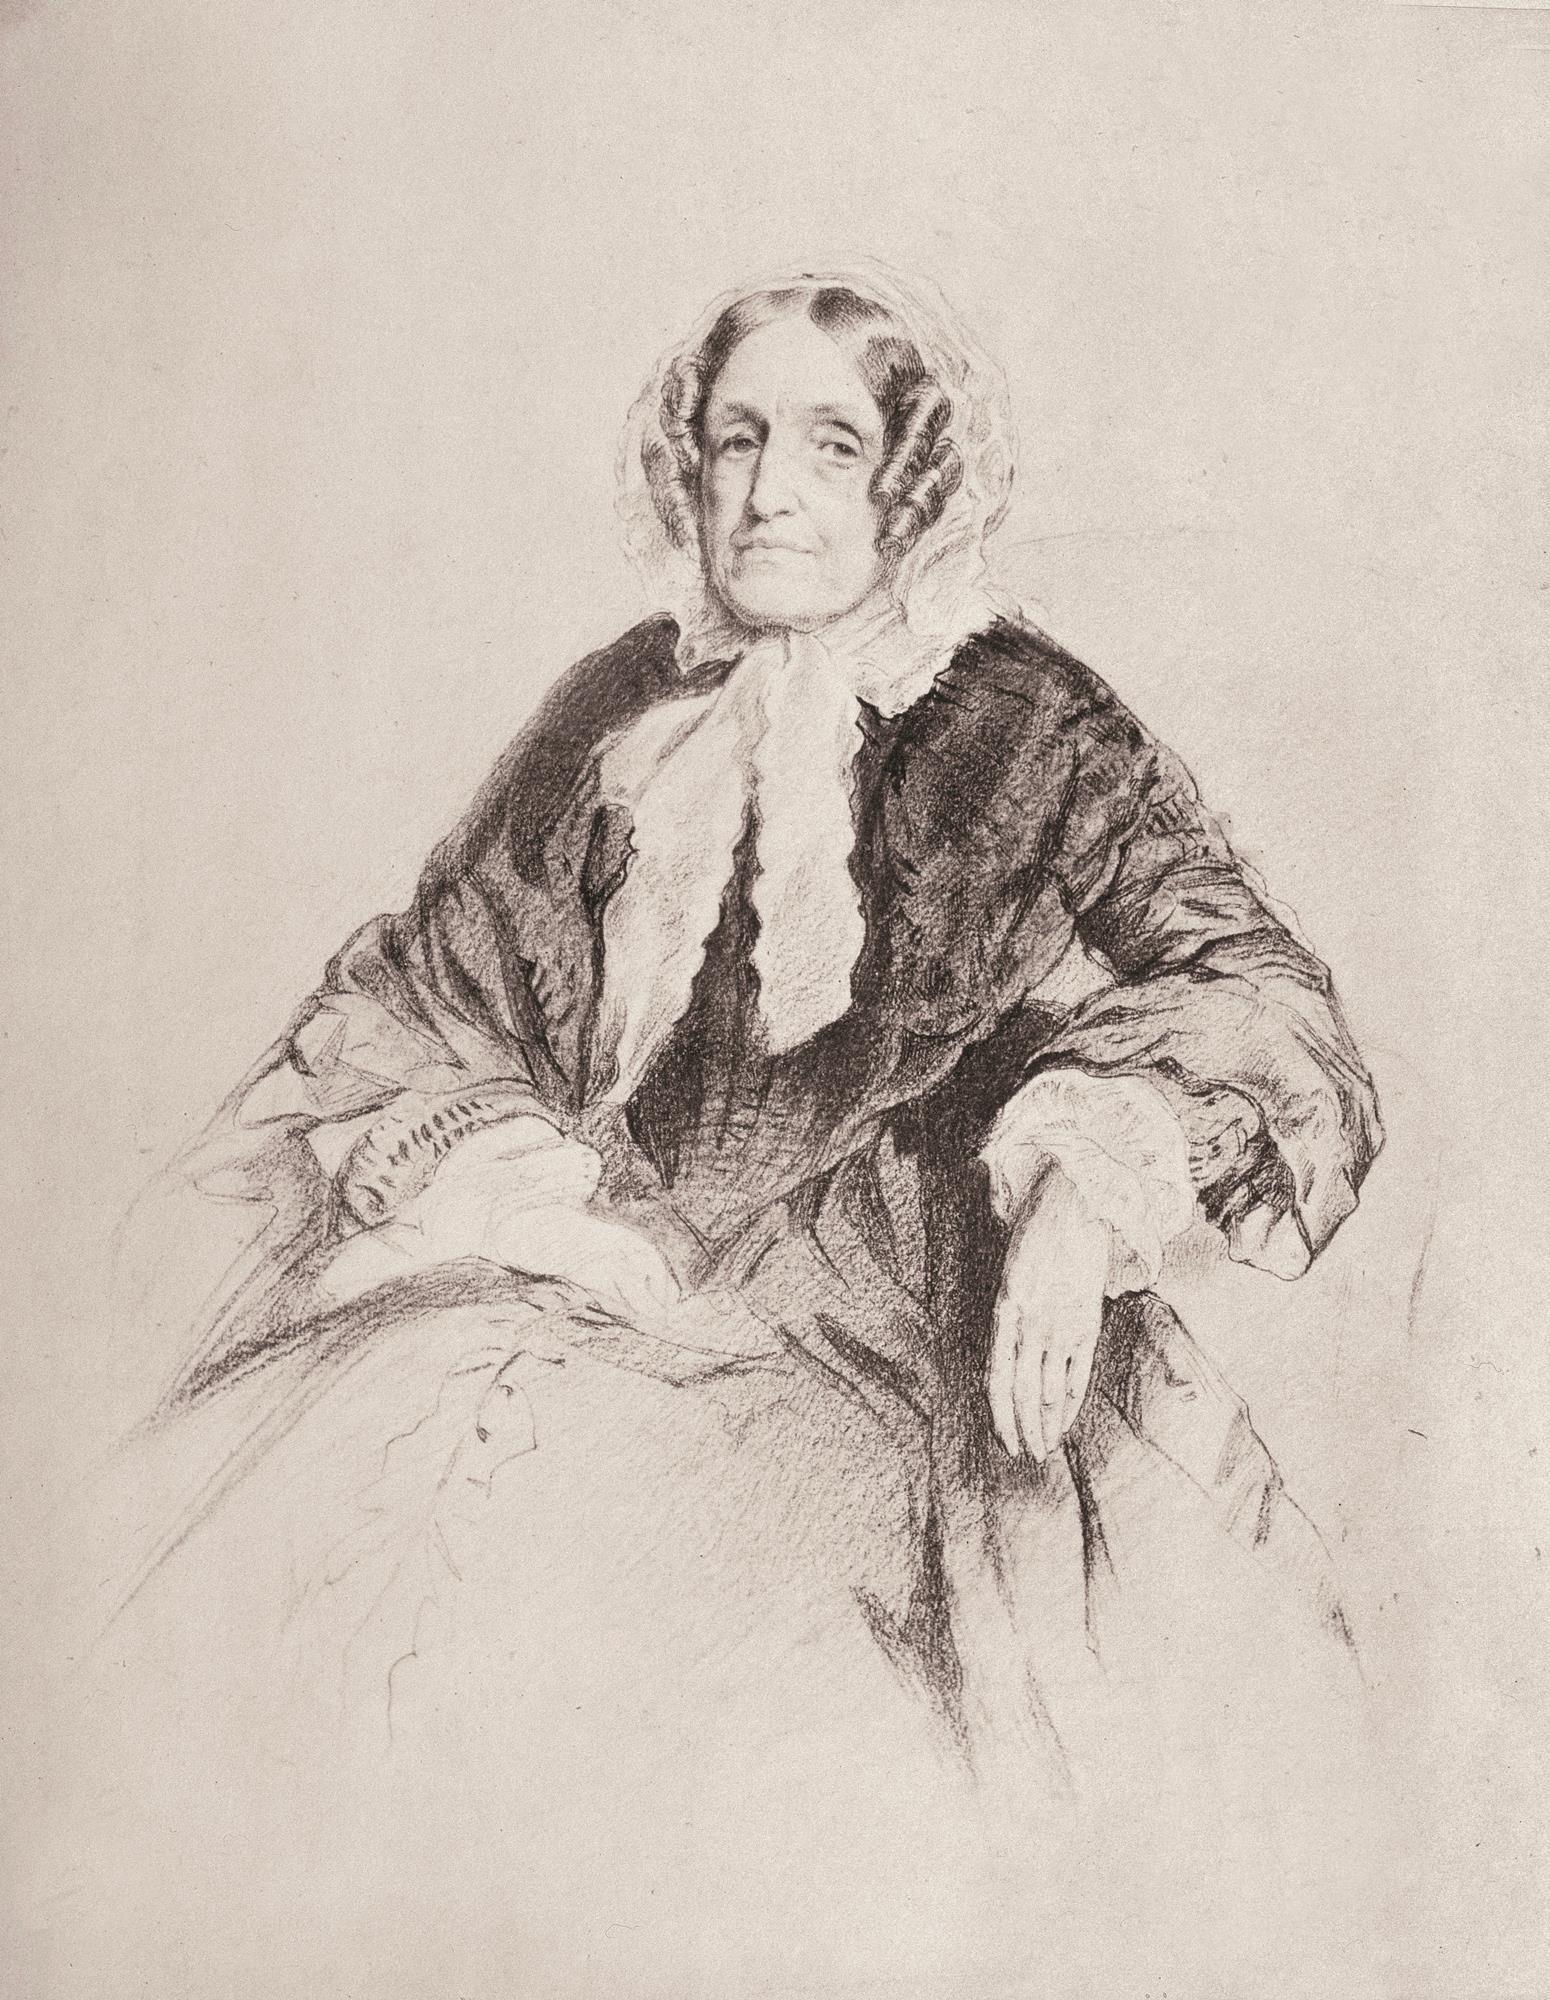 Jane Marcet, a pioneira em divulgação científica voltada para mulheres (Foto: Wikimedia Commons)